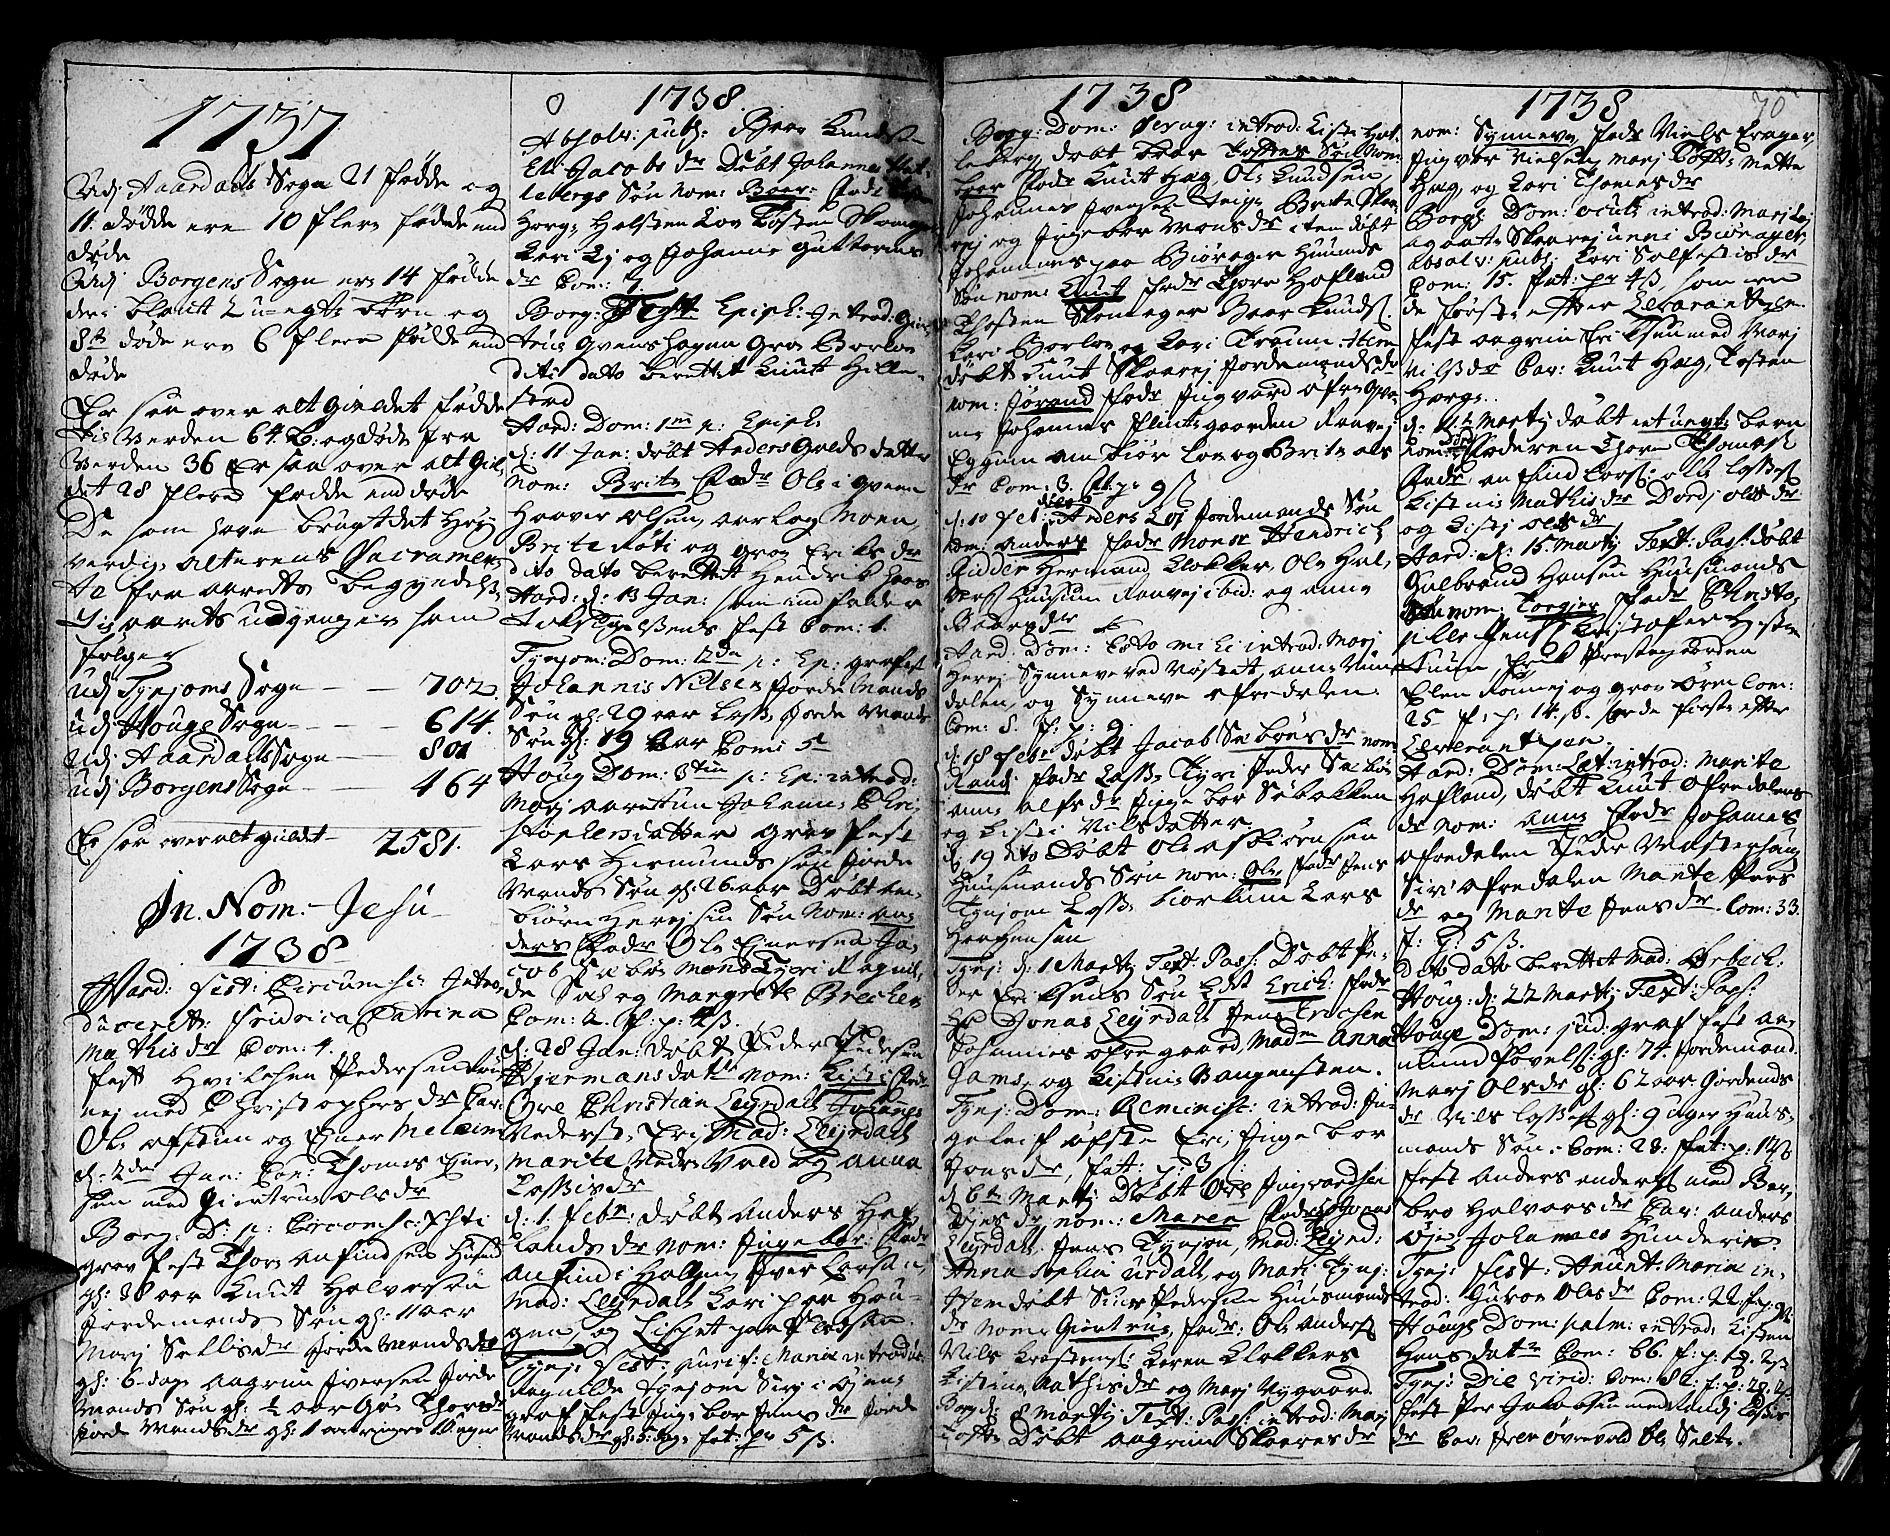 SAB, Lærdal sokneprestembete, Ministerialbok nr. A 1, 1711-1752, s. 70